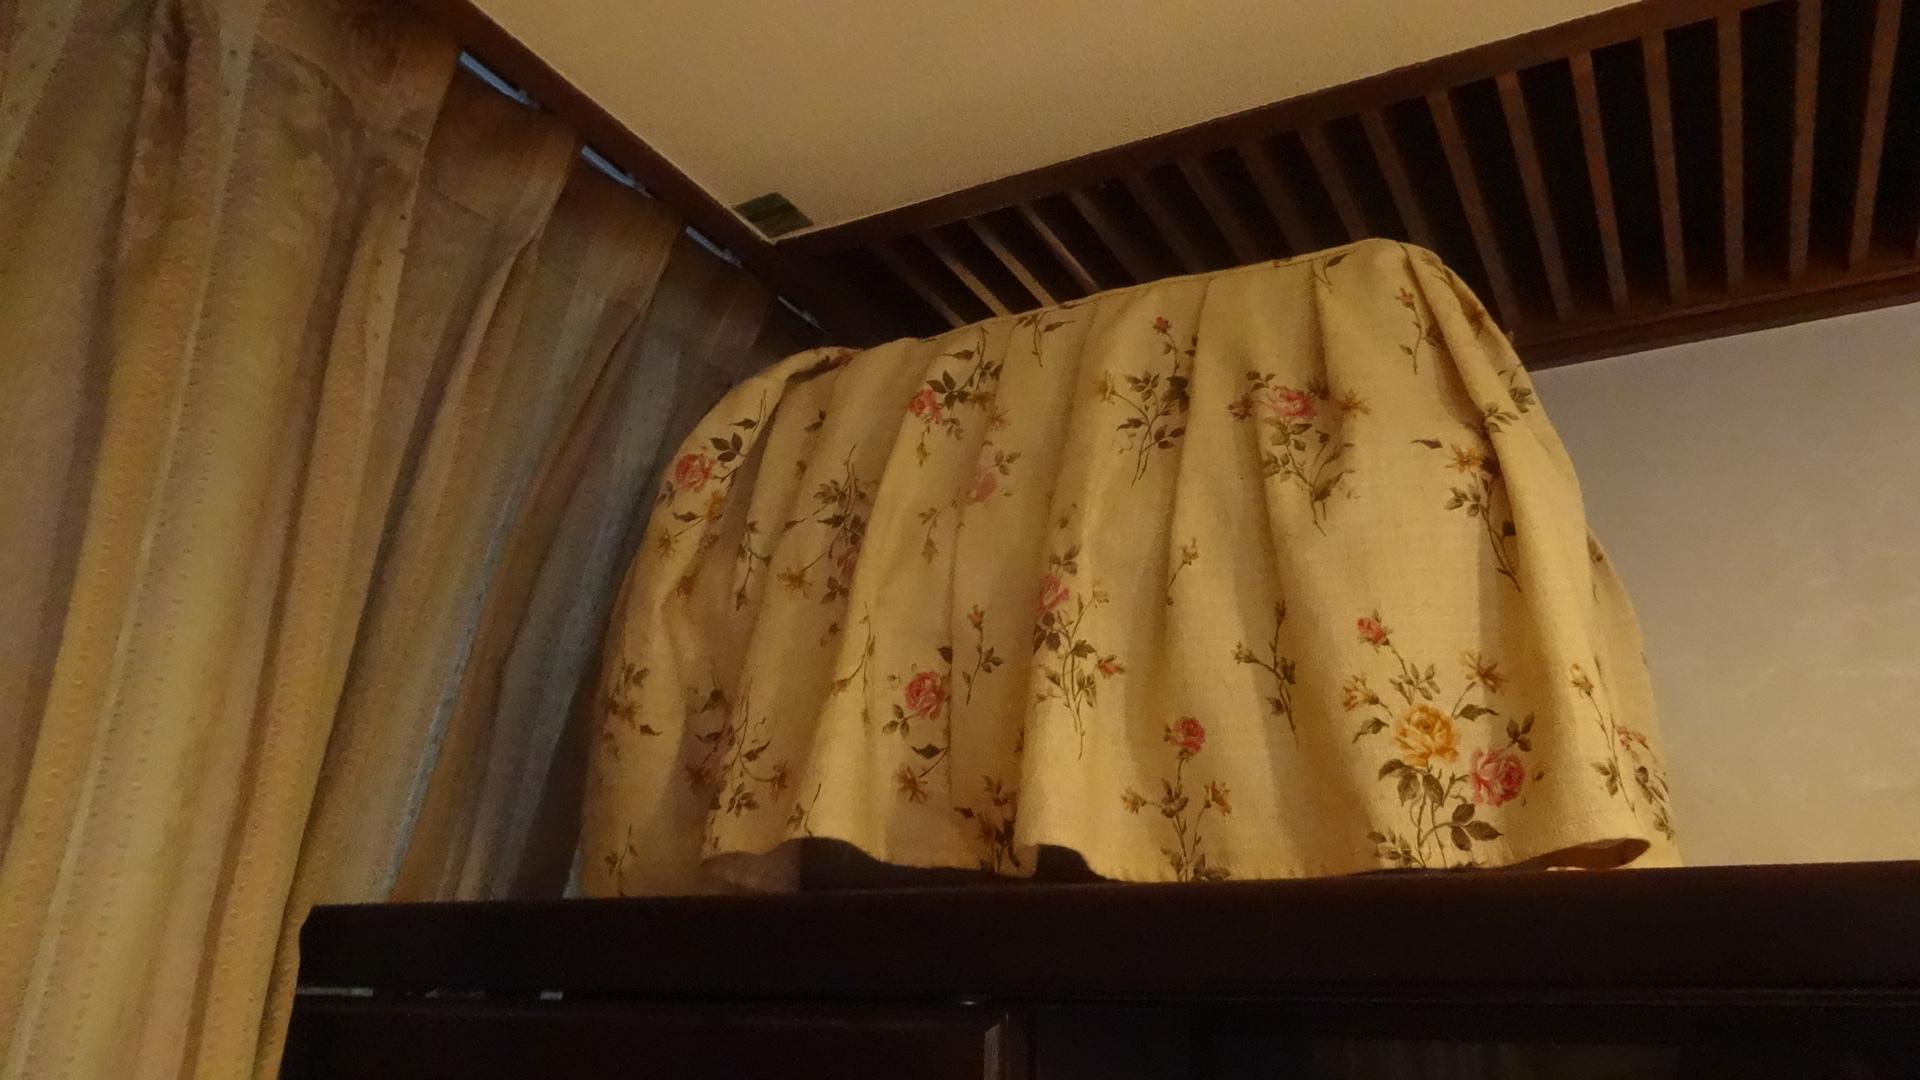 居間の隅の本棚の上に置かれたキャリー